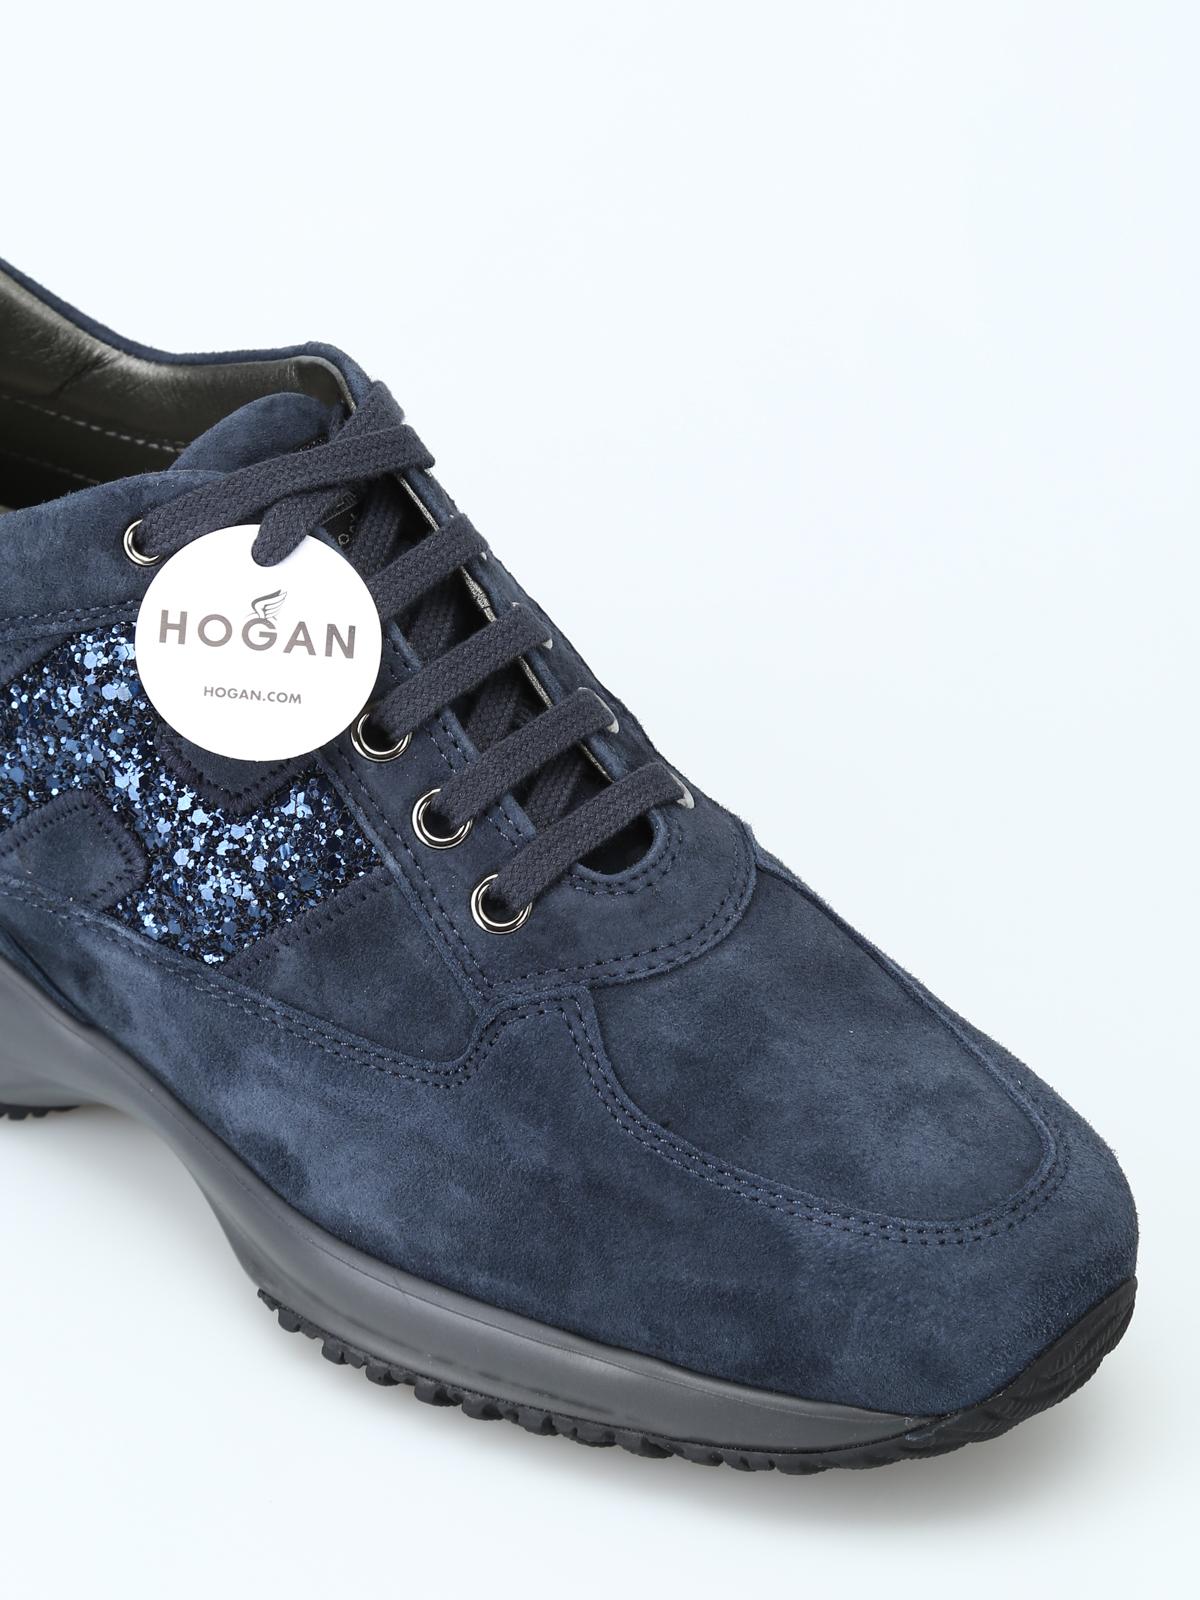 Trainers Hogan - Interactive blue suede sneakers - HXW00N0S3609KE1001